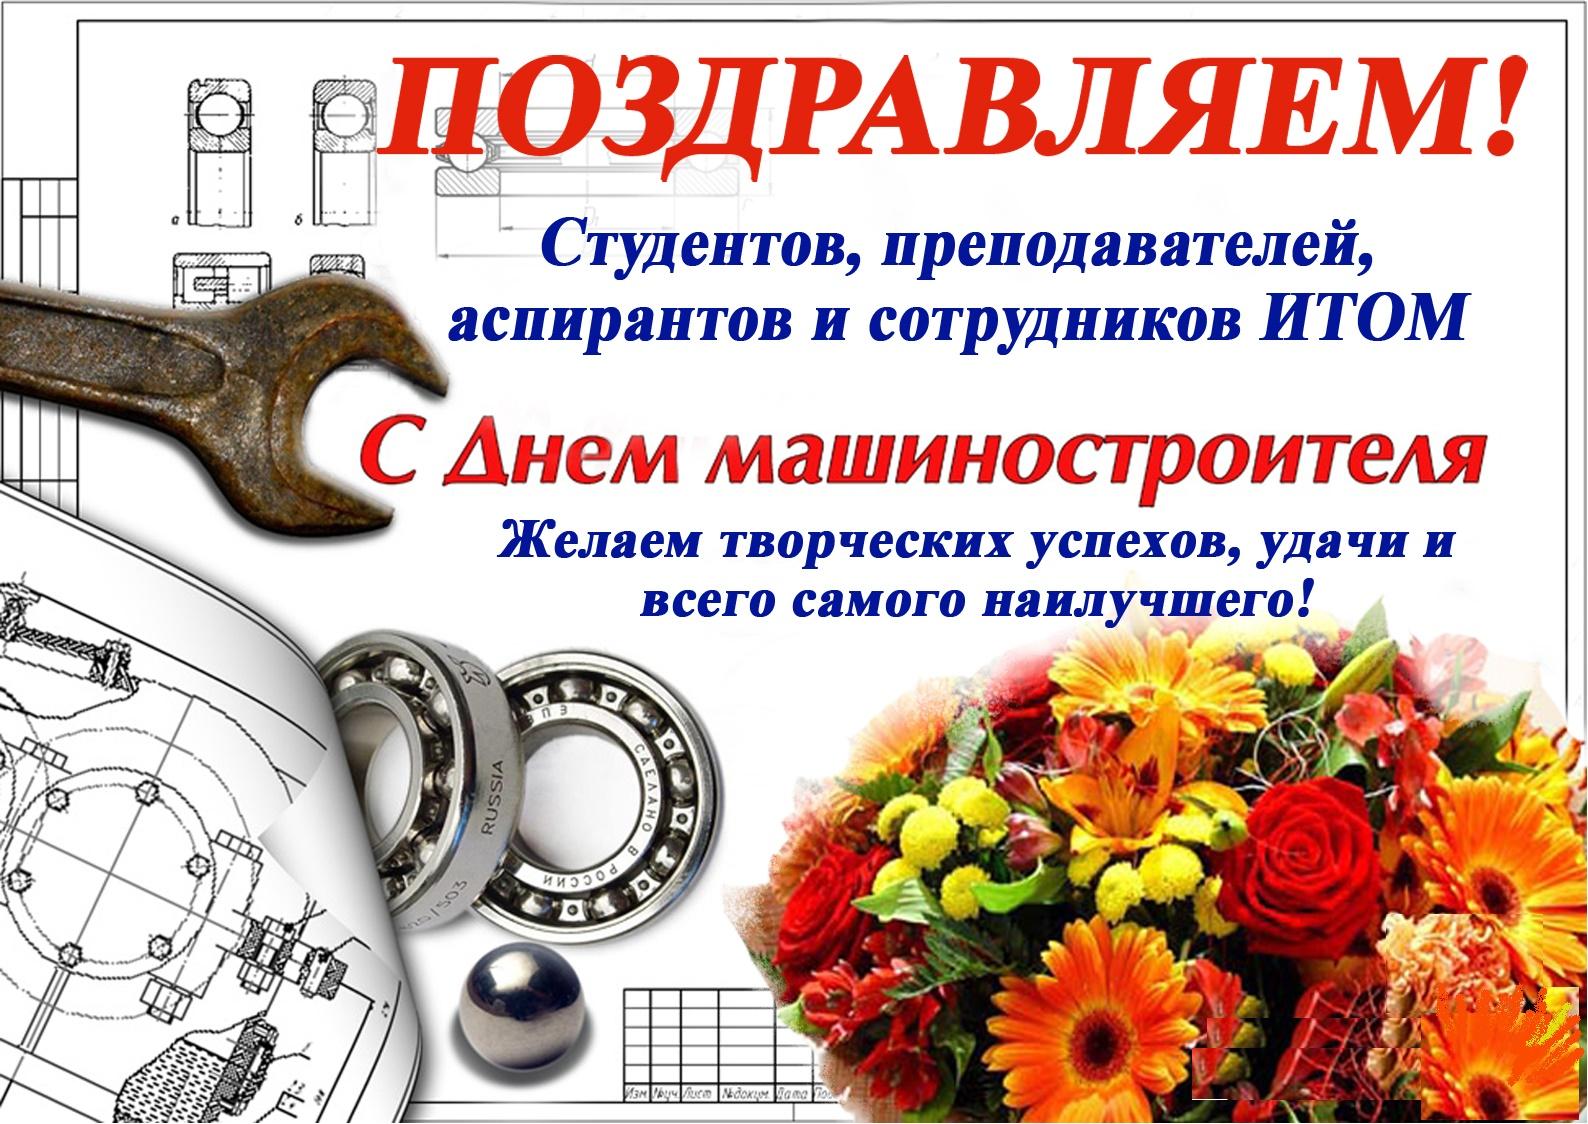 Открытки ко дню машиностроителя